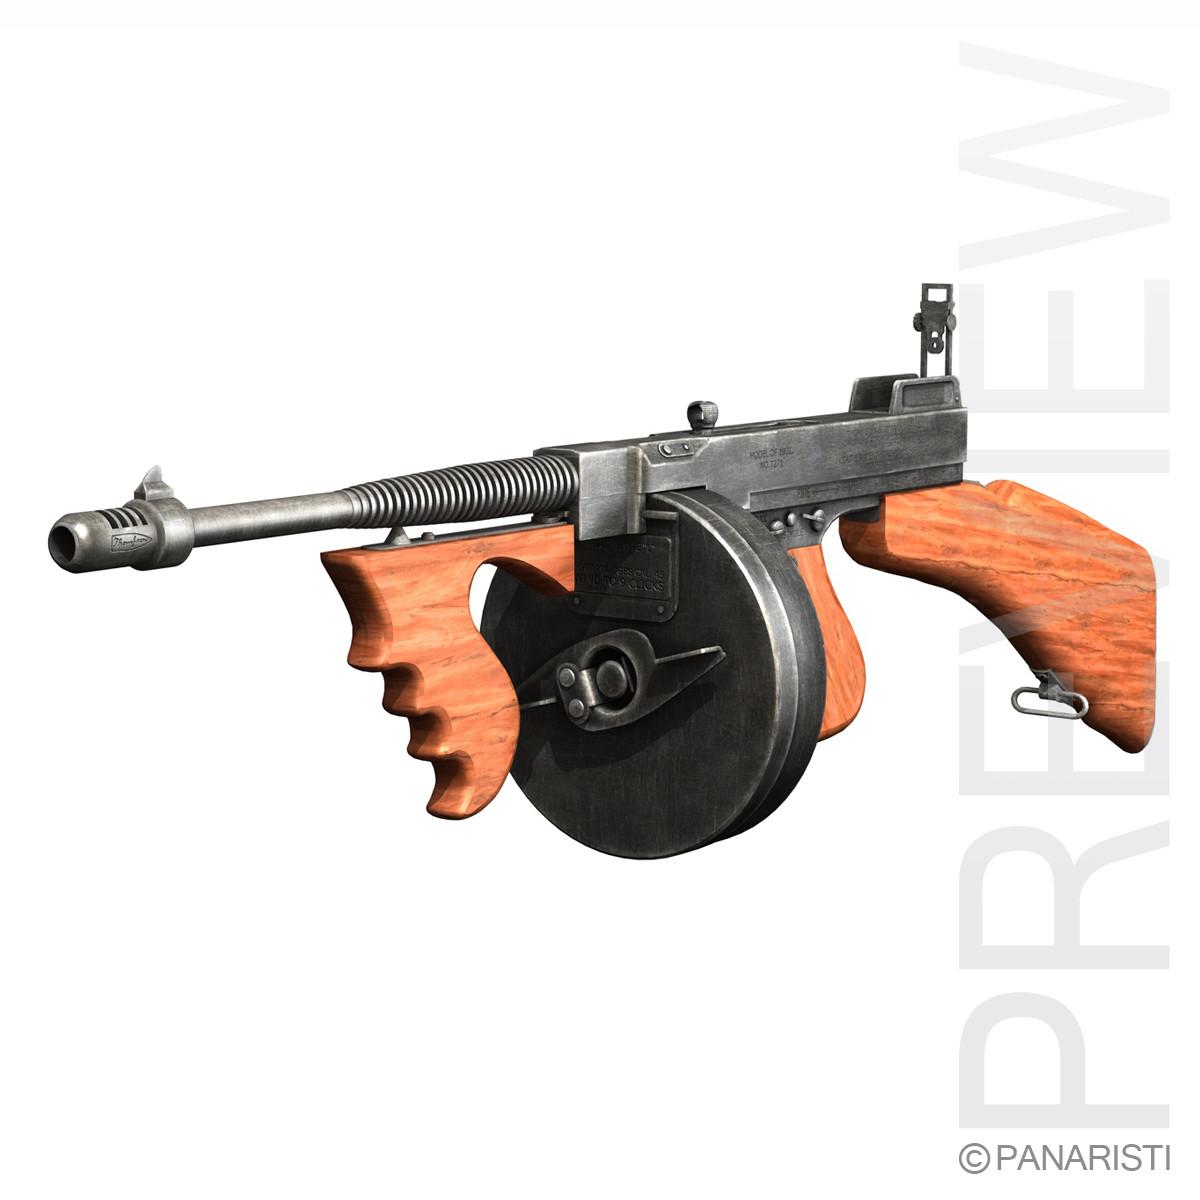 Colt Model1921 Thompson Submachine Gun